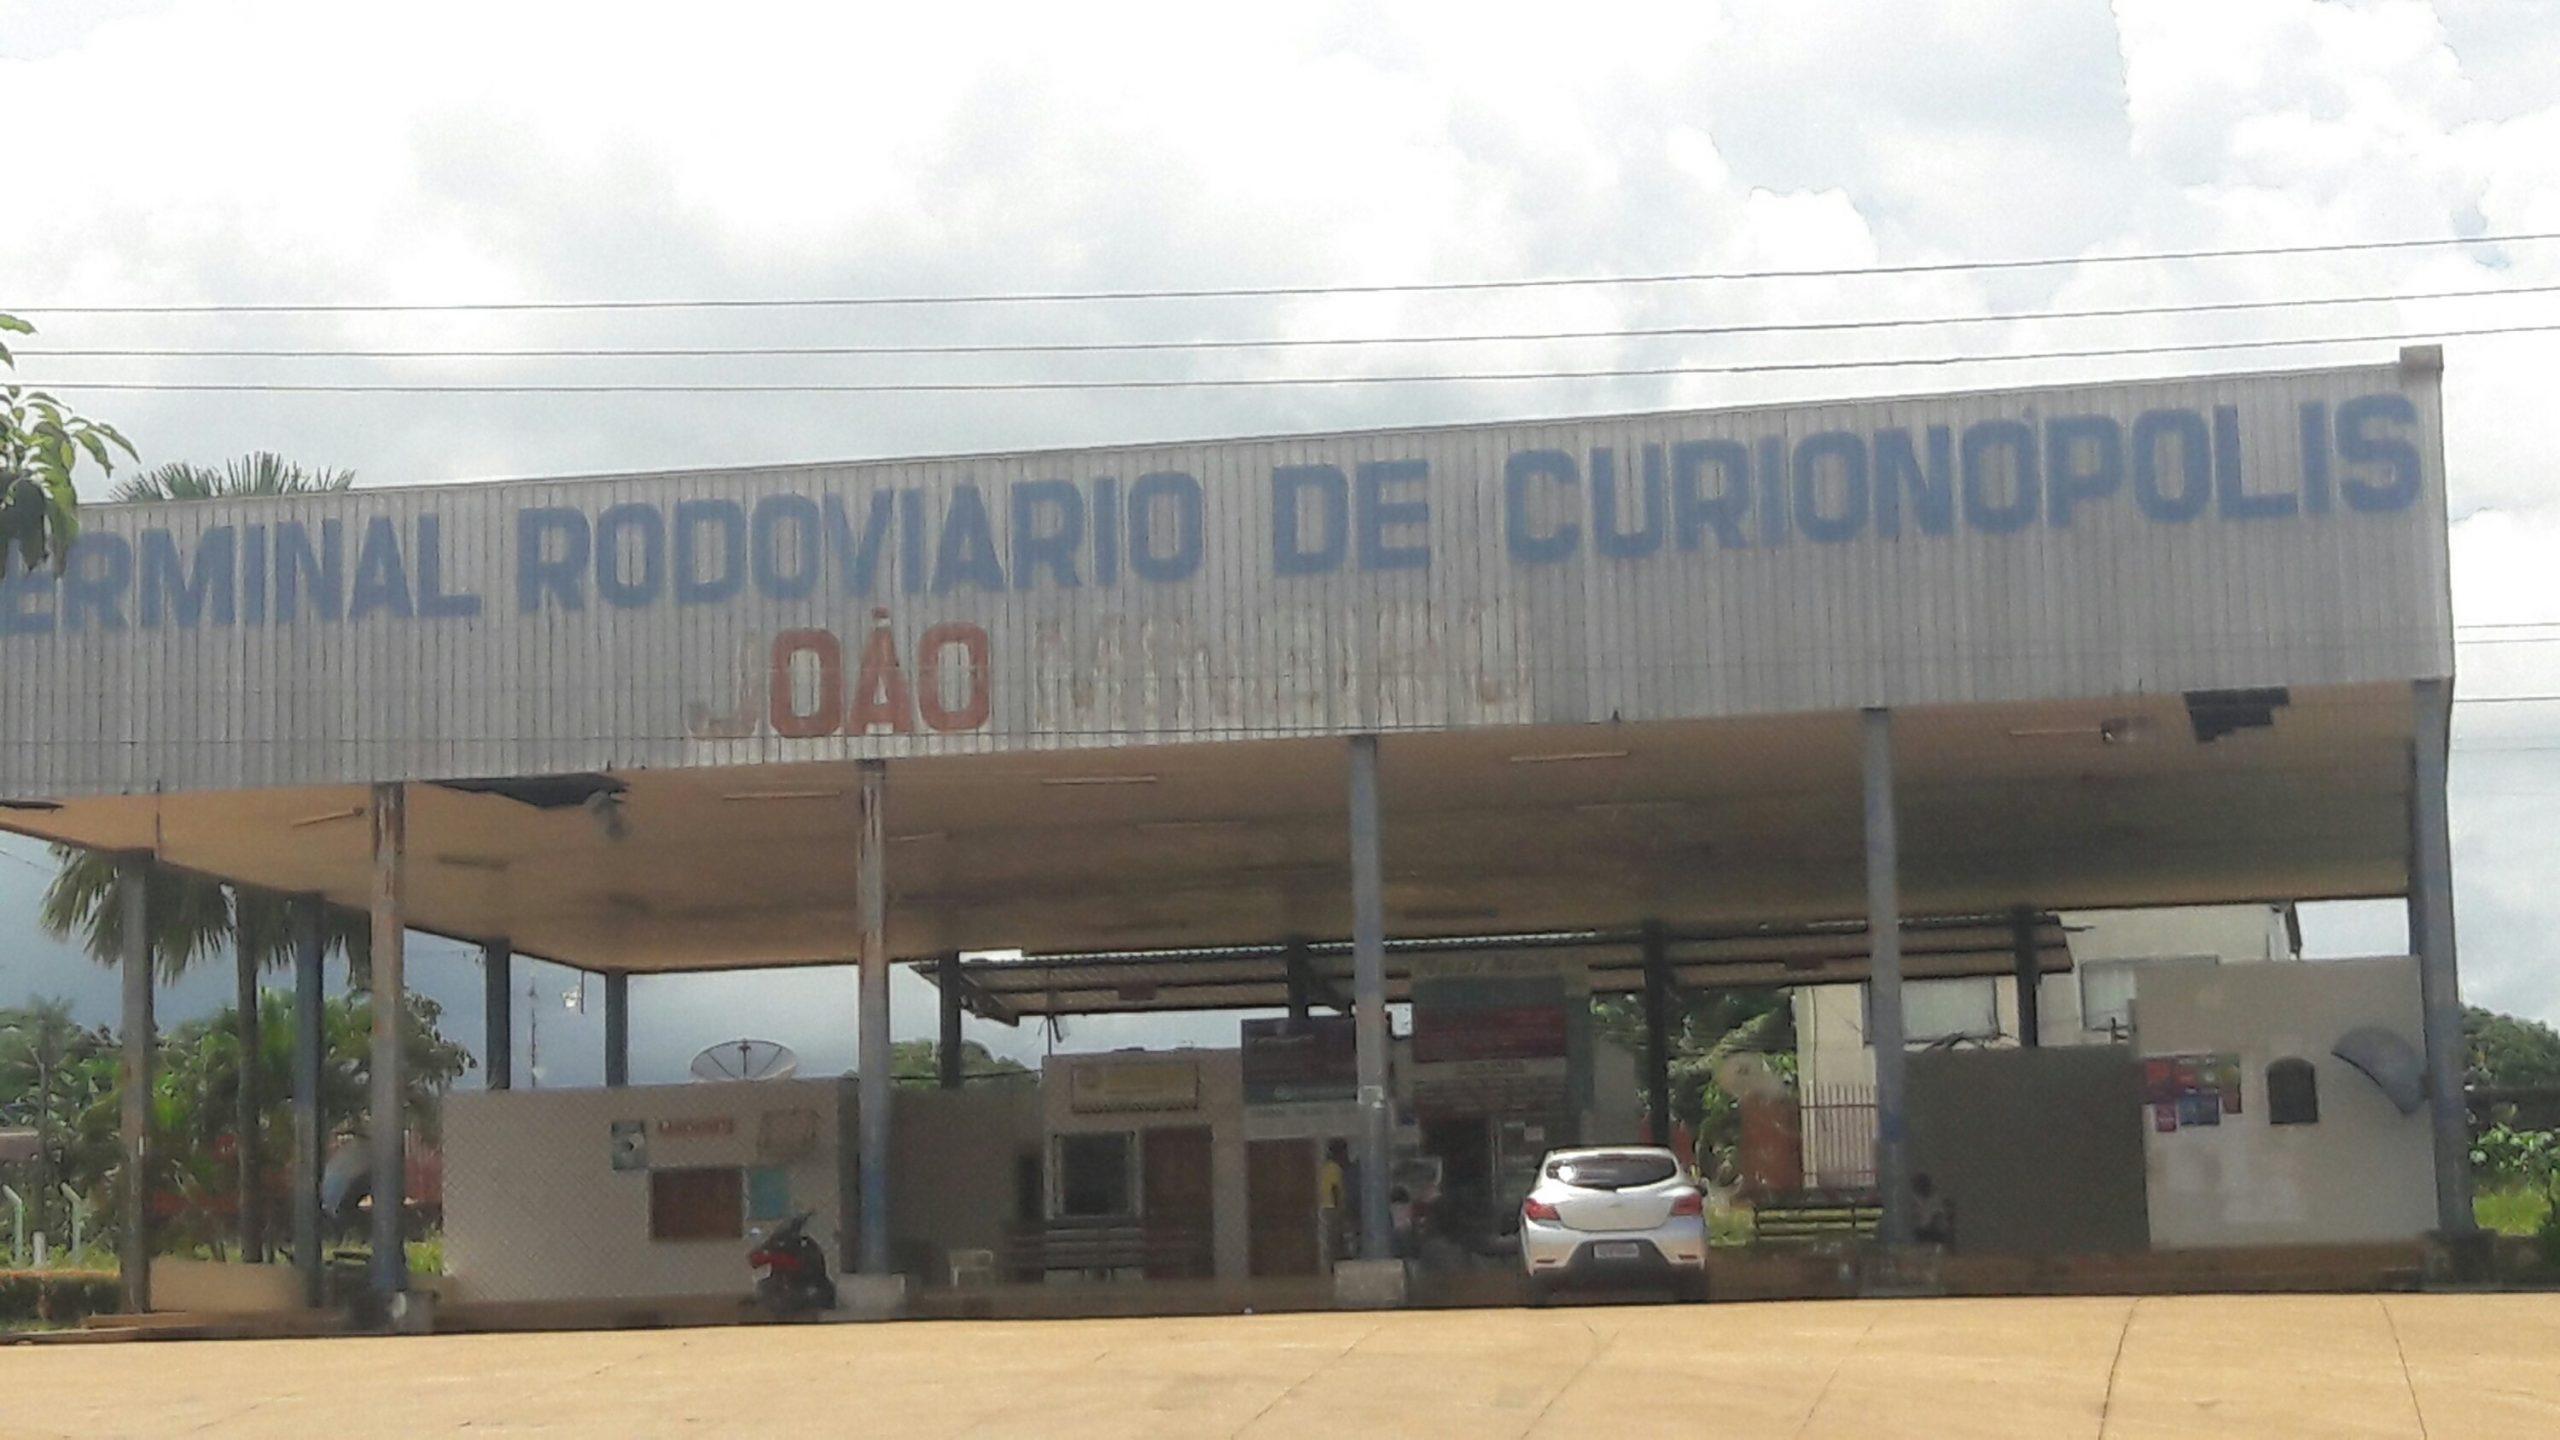 Terminal Rodoviário de Curionópolis / Foto: Jorge Clésio